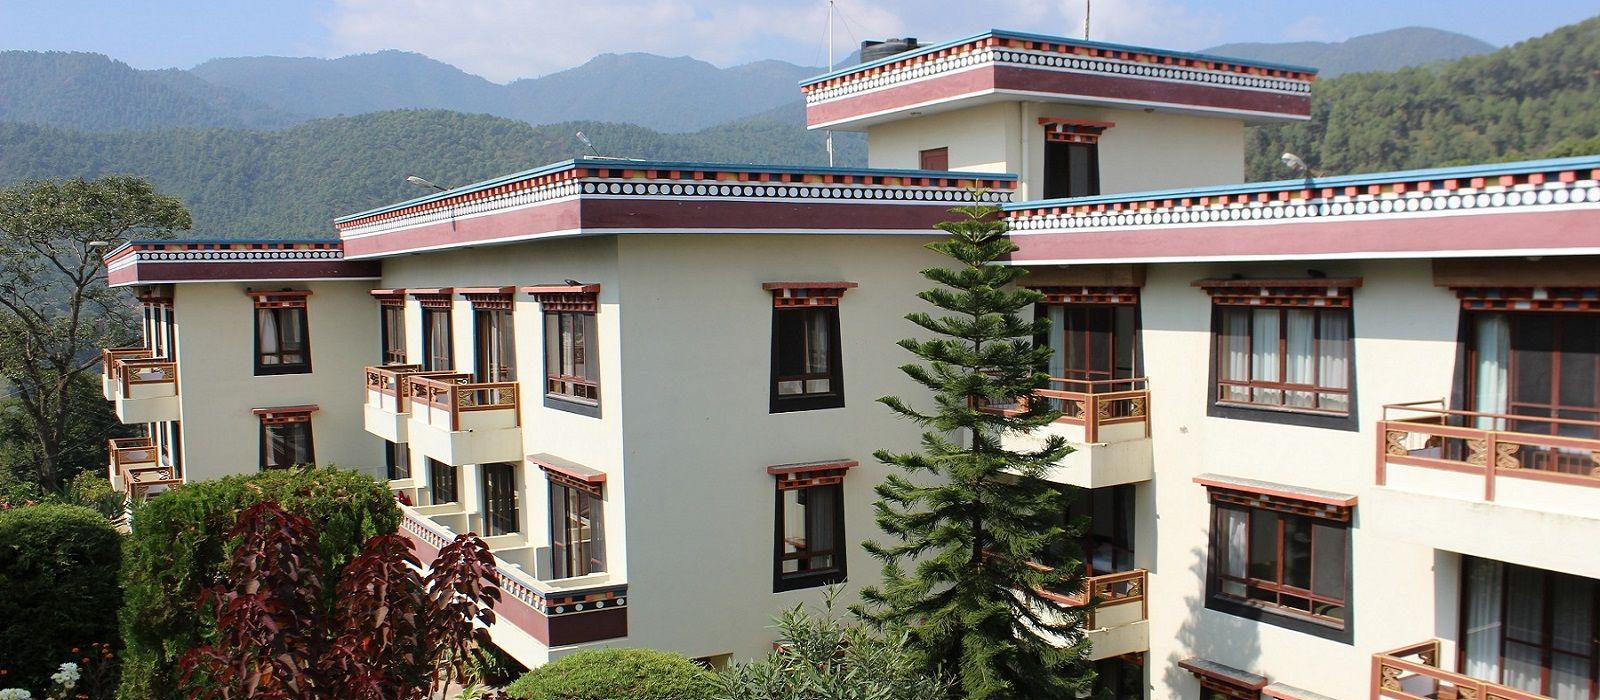 Hotel Neydo  Nepal